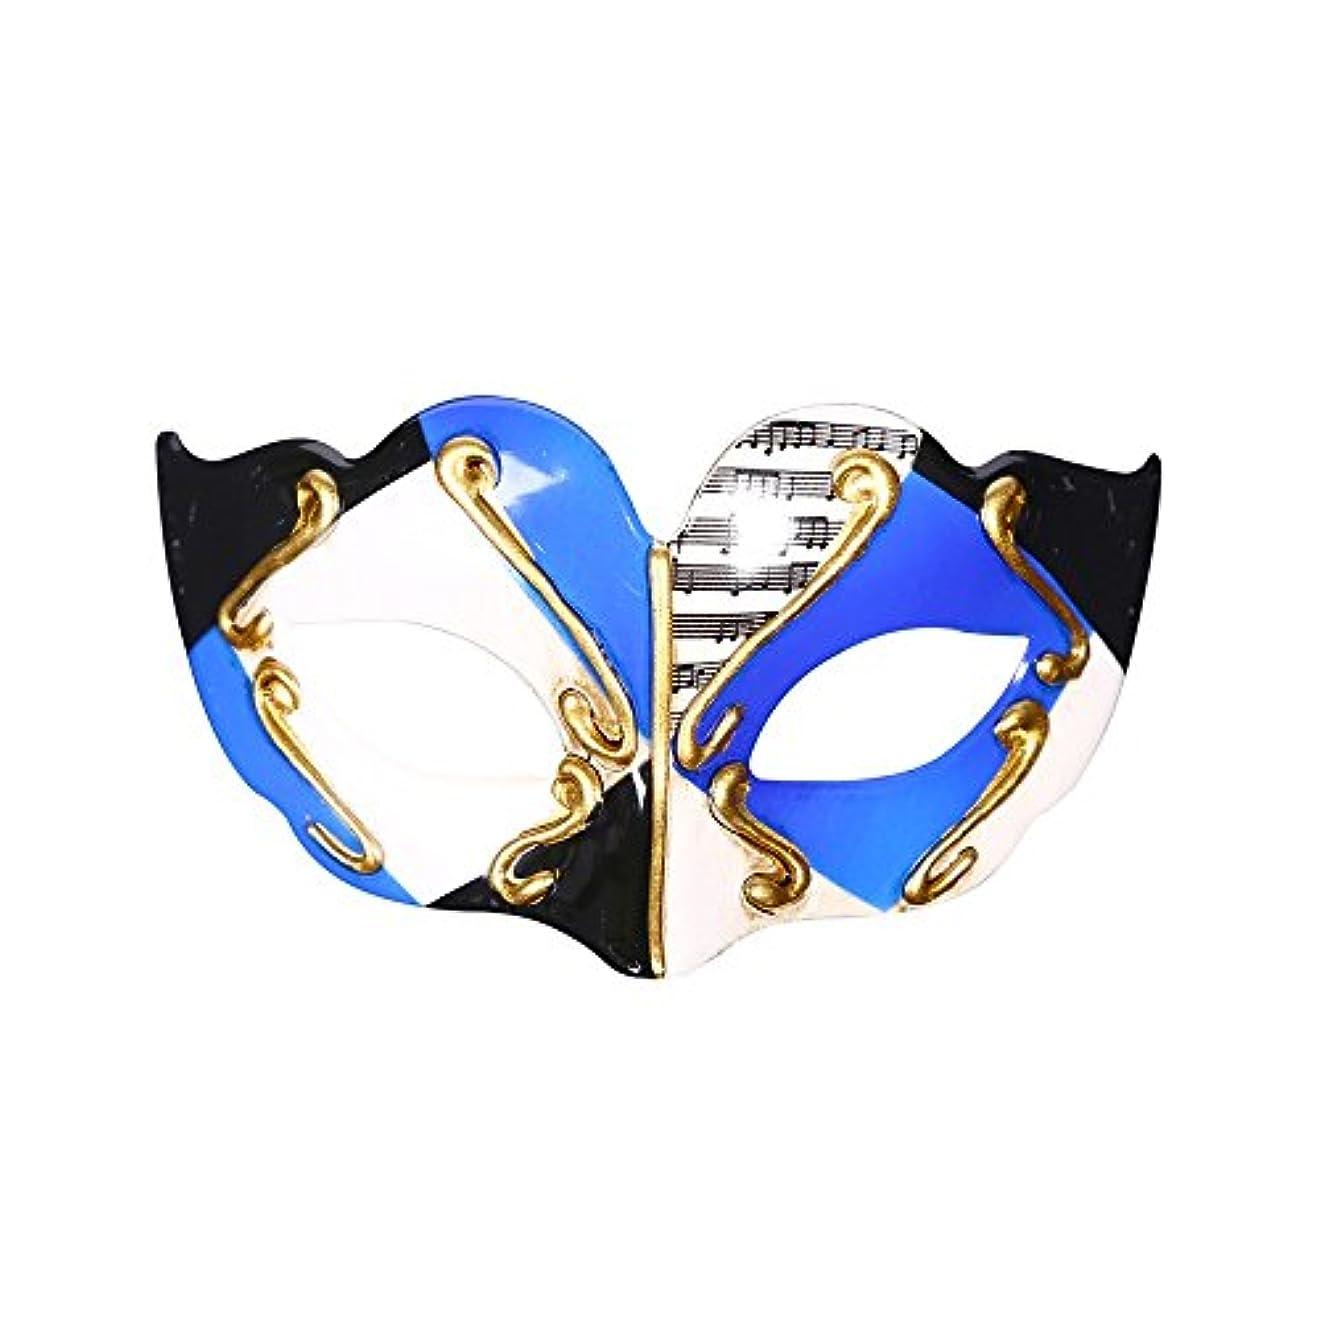 他の場所商標純度ハロウィーン仮装マスクフラットヘッドハーフフェイスハードプラスチック子供用マスク (Color : #3)